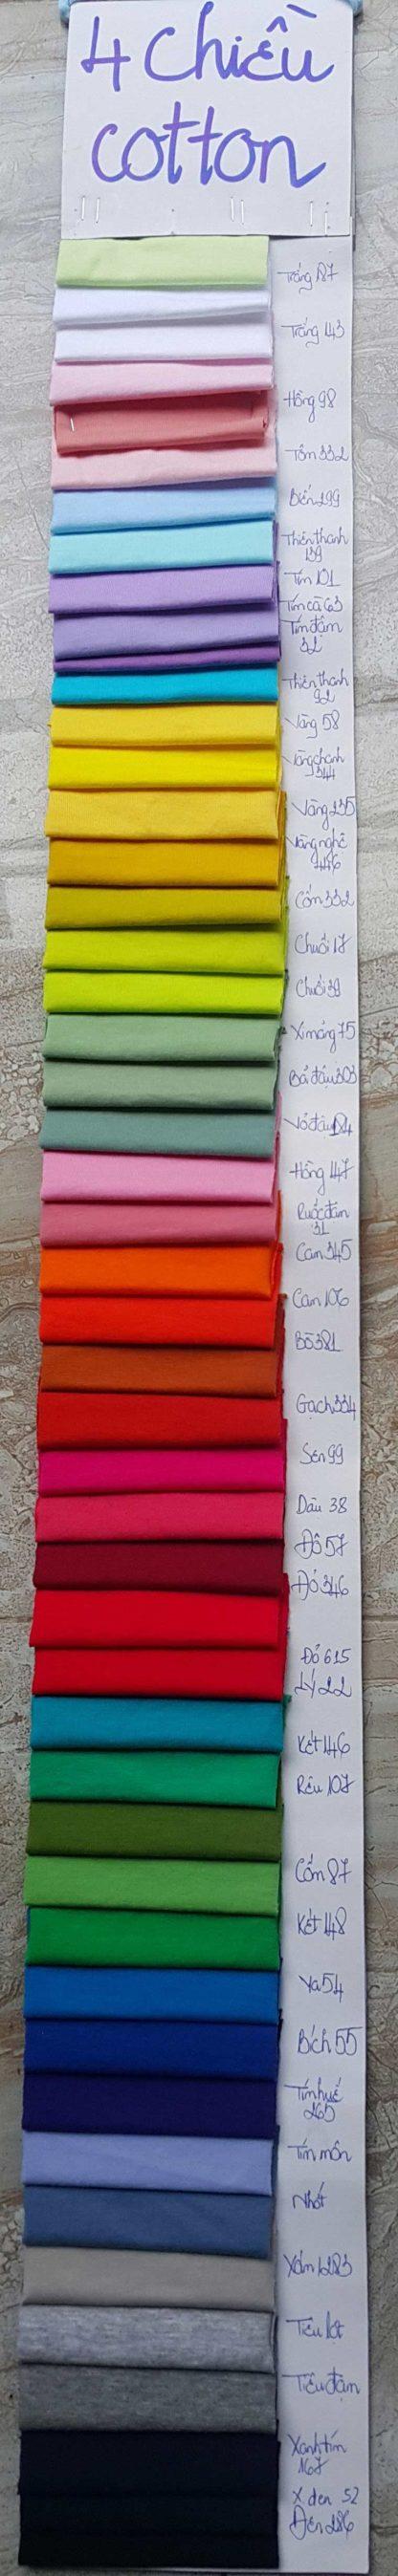 Màu vải cotton 4 chiều-total